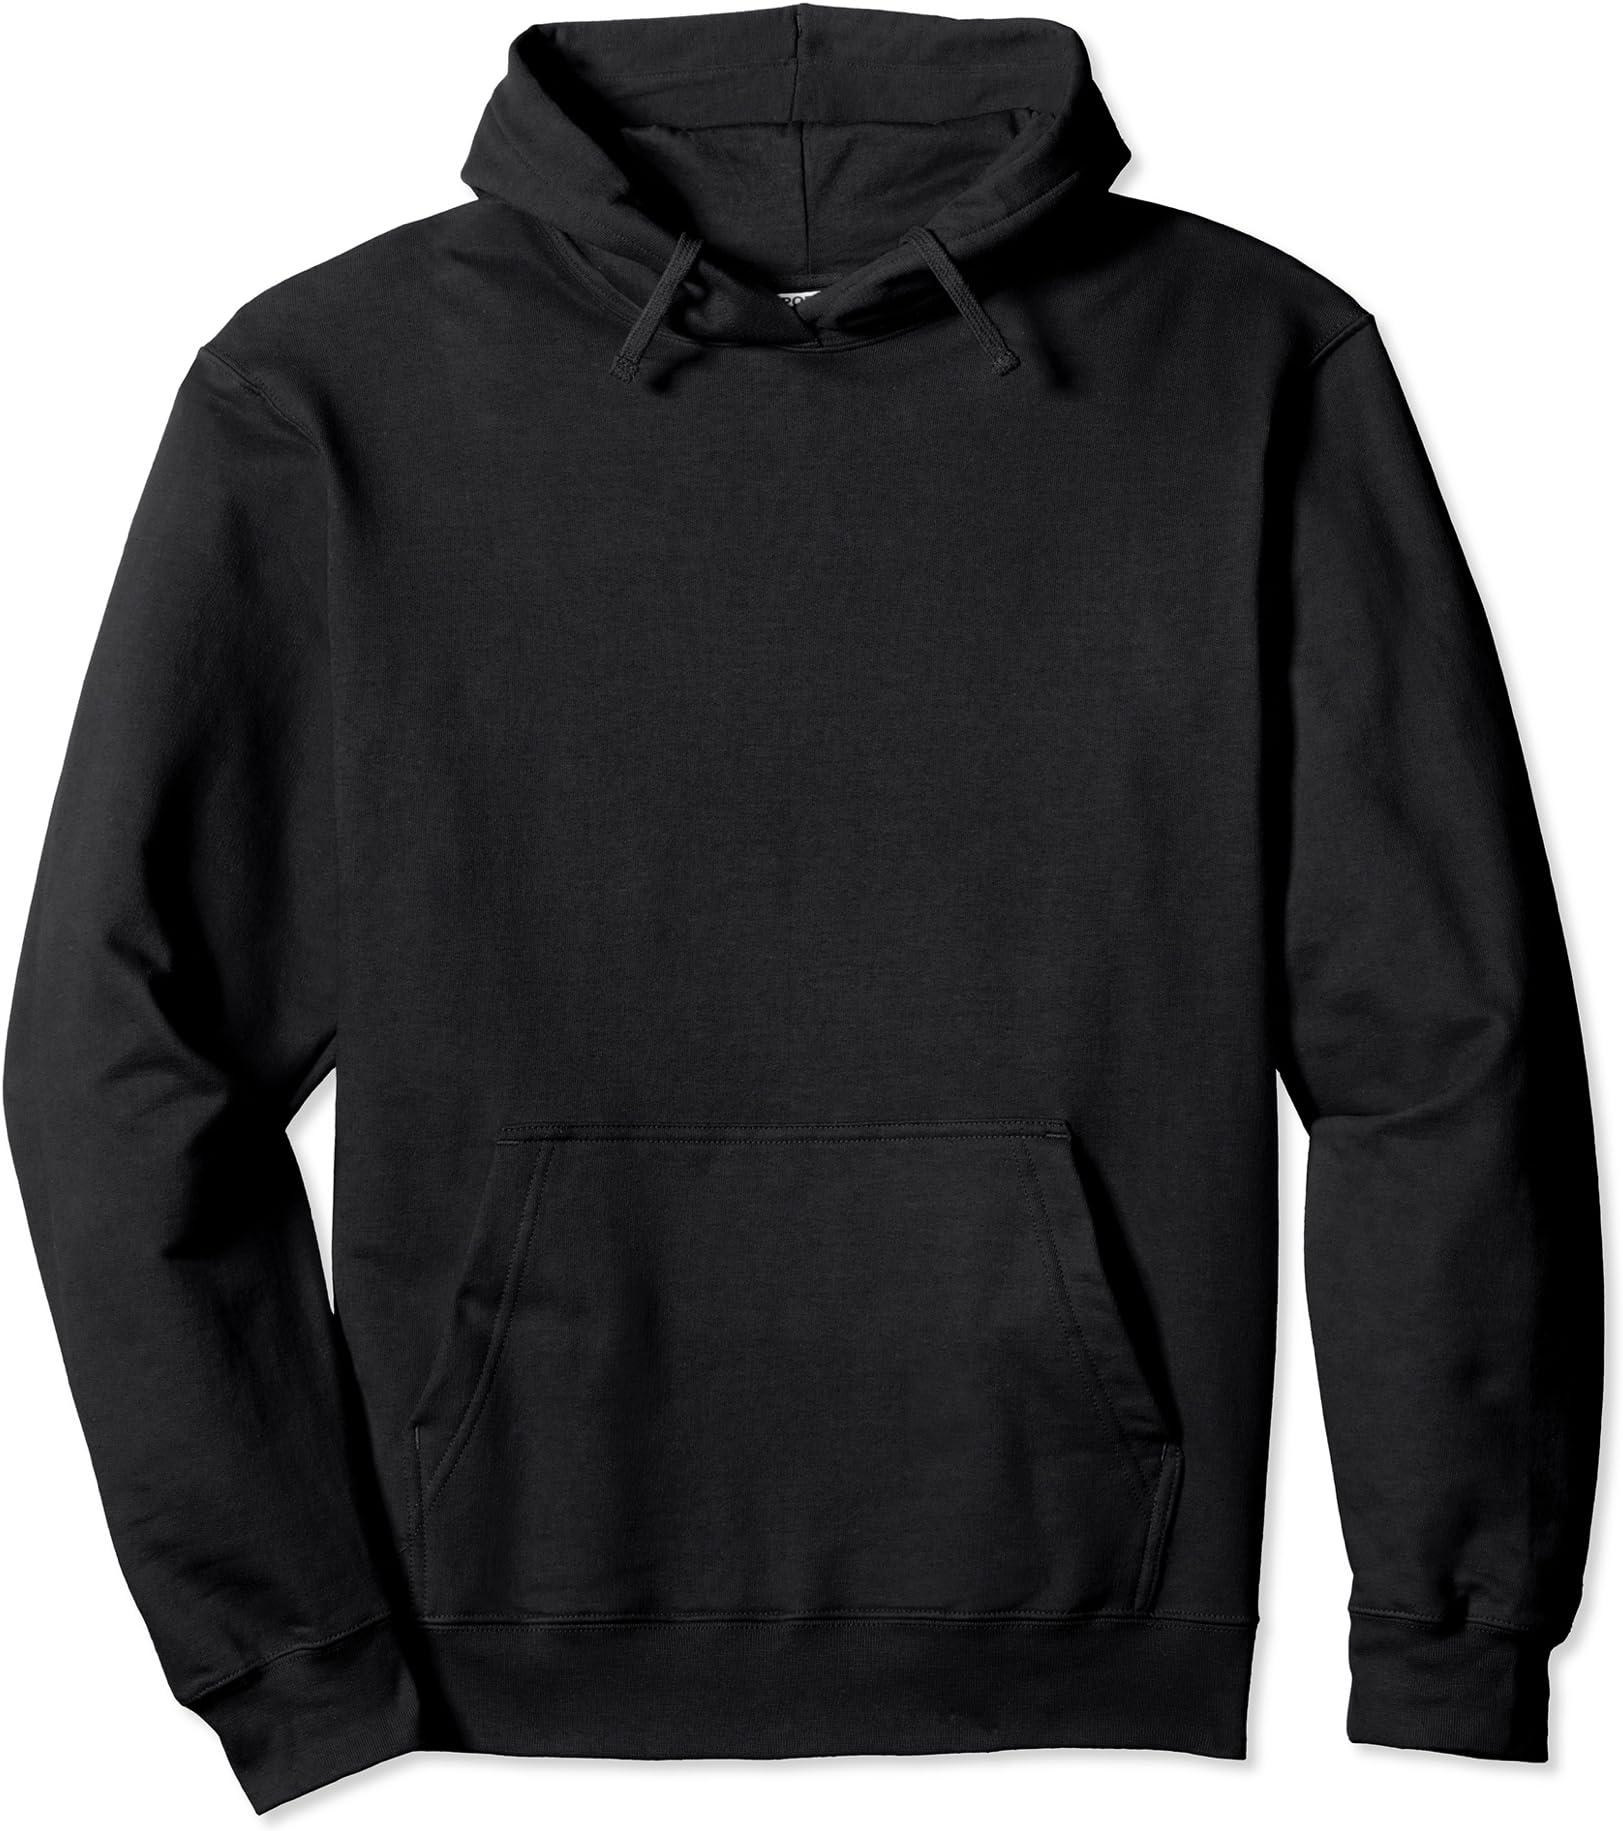 Moose Sihouette Men Cotton Long Sleeved Pullover Athletic Hoodies Hooded Sweatshirt Graphic Hoodie